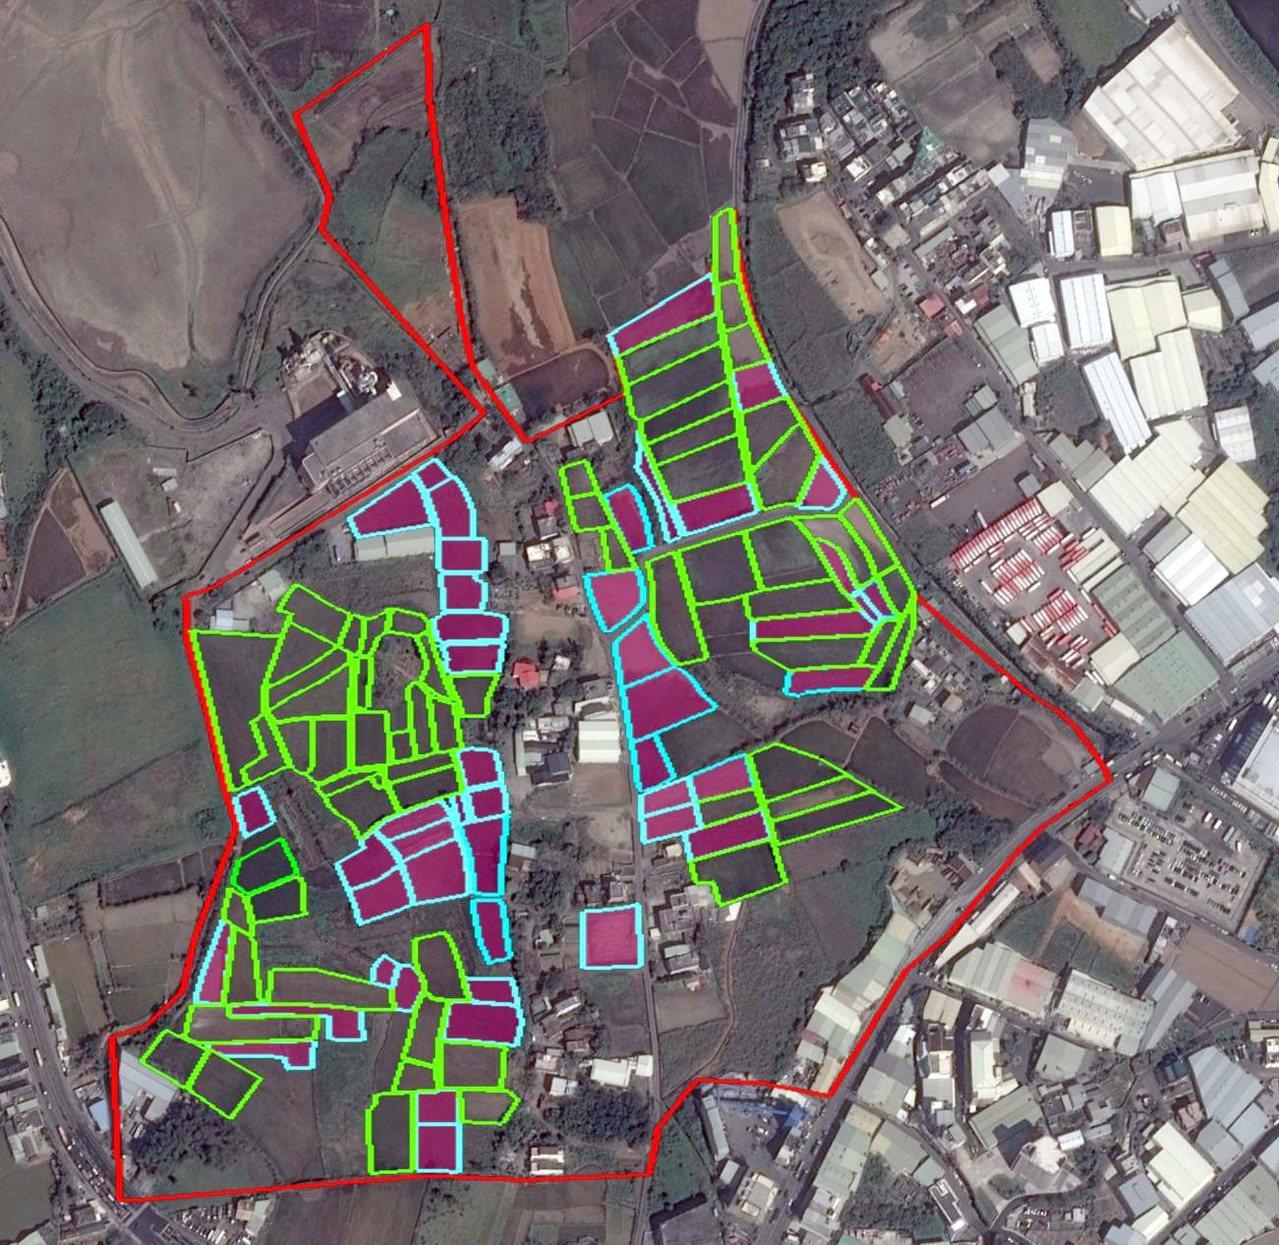 桃園市環保局公布檢驗滲眉埤上游約4.5公頃有銅汙染超標、少部分鋅超標的農田公告為...